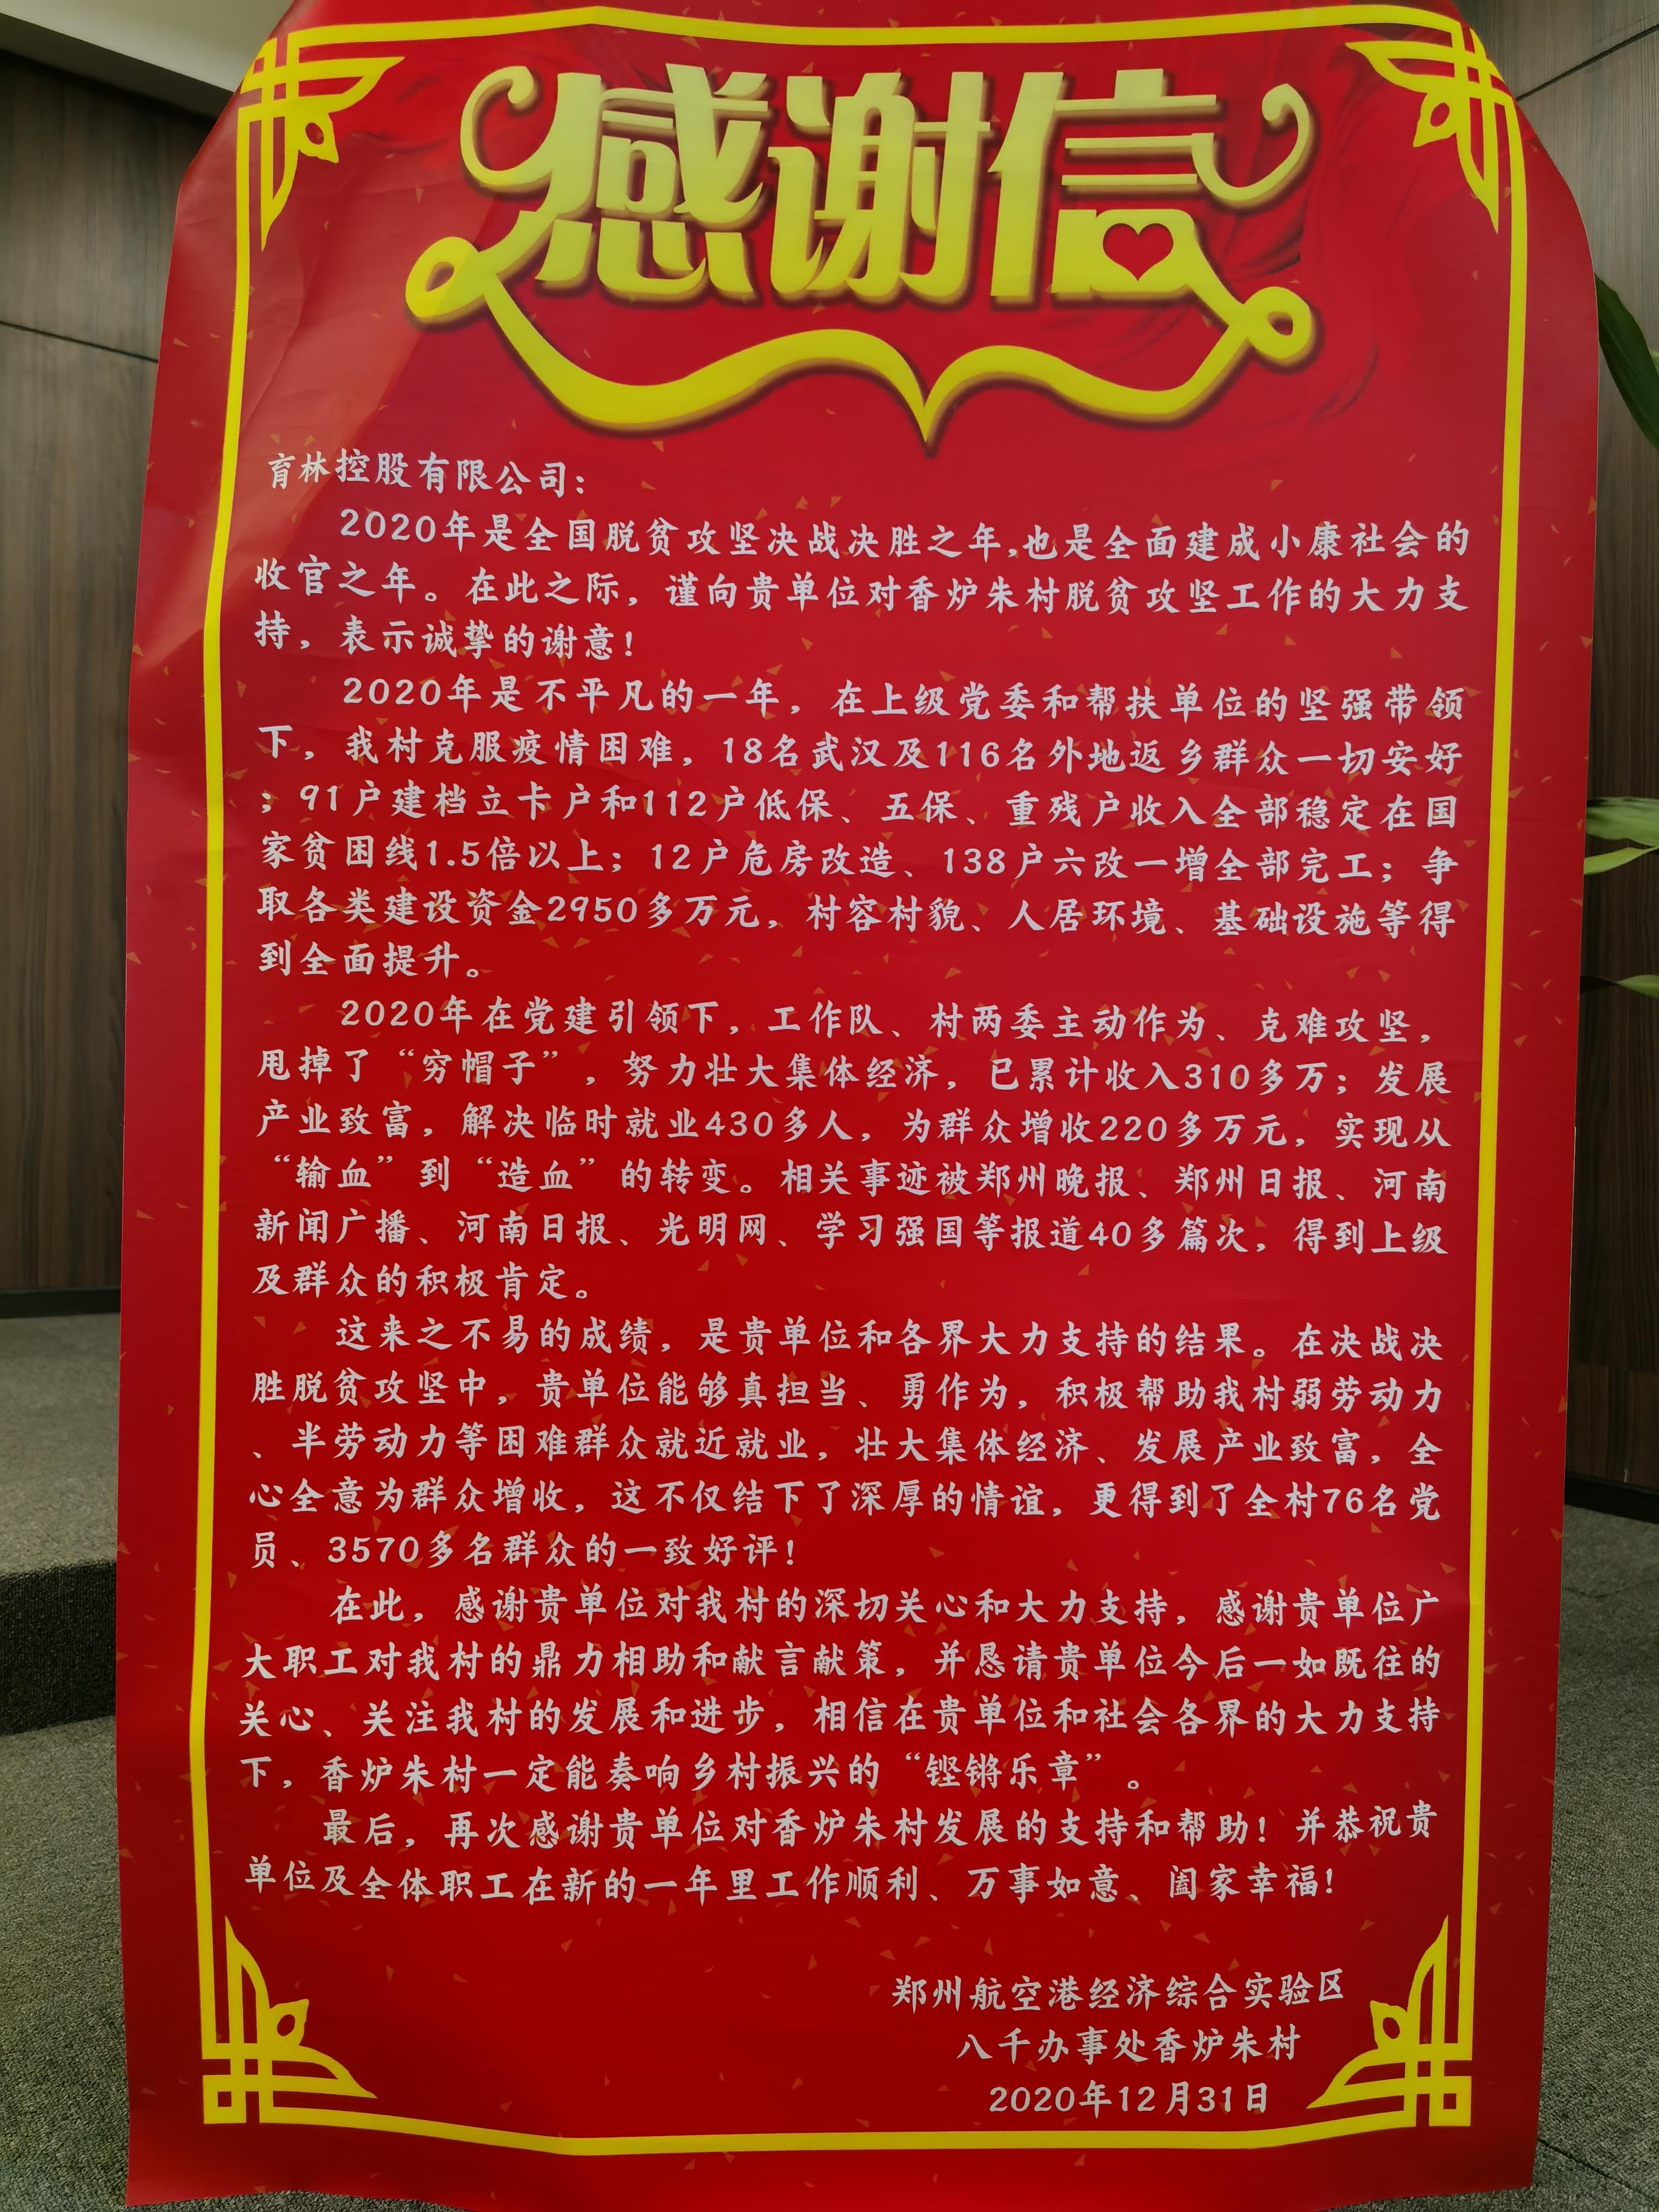 绿荫常在 情系扶贫——一封来自香炉朱村的感谢信